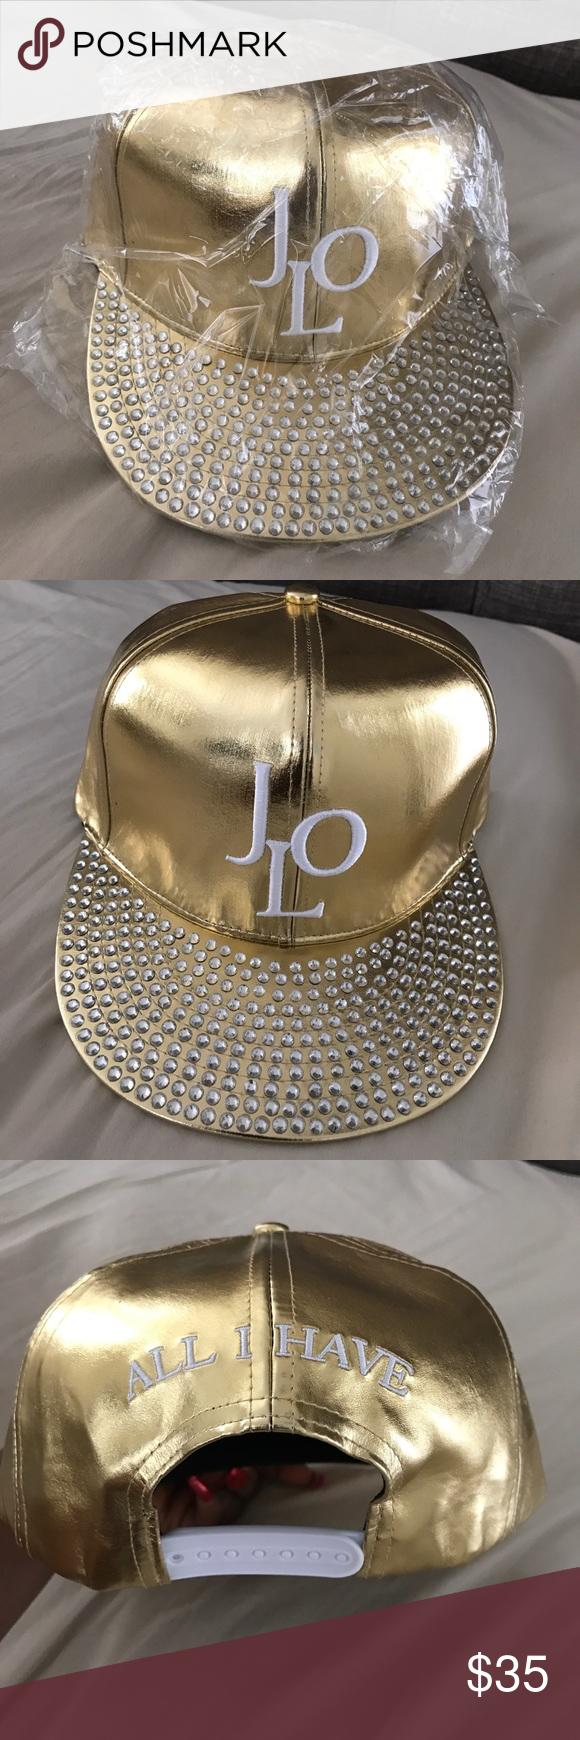 b7d747dee34 🆕🎉 Jennifer Lopez  s JLO Gold bling hat